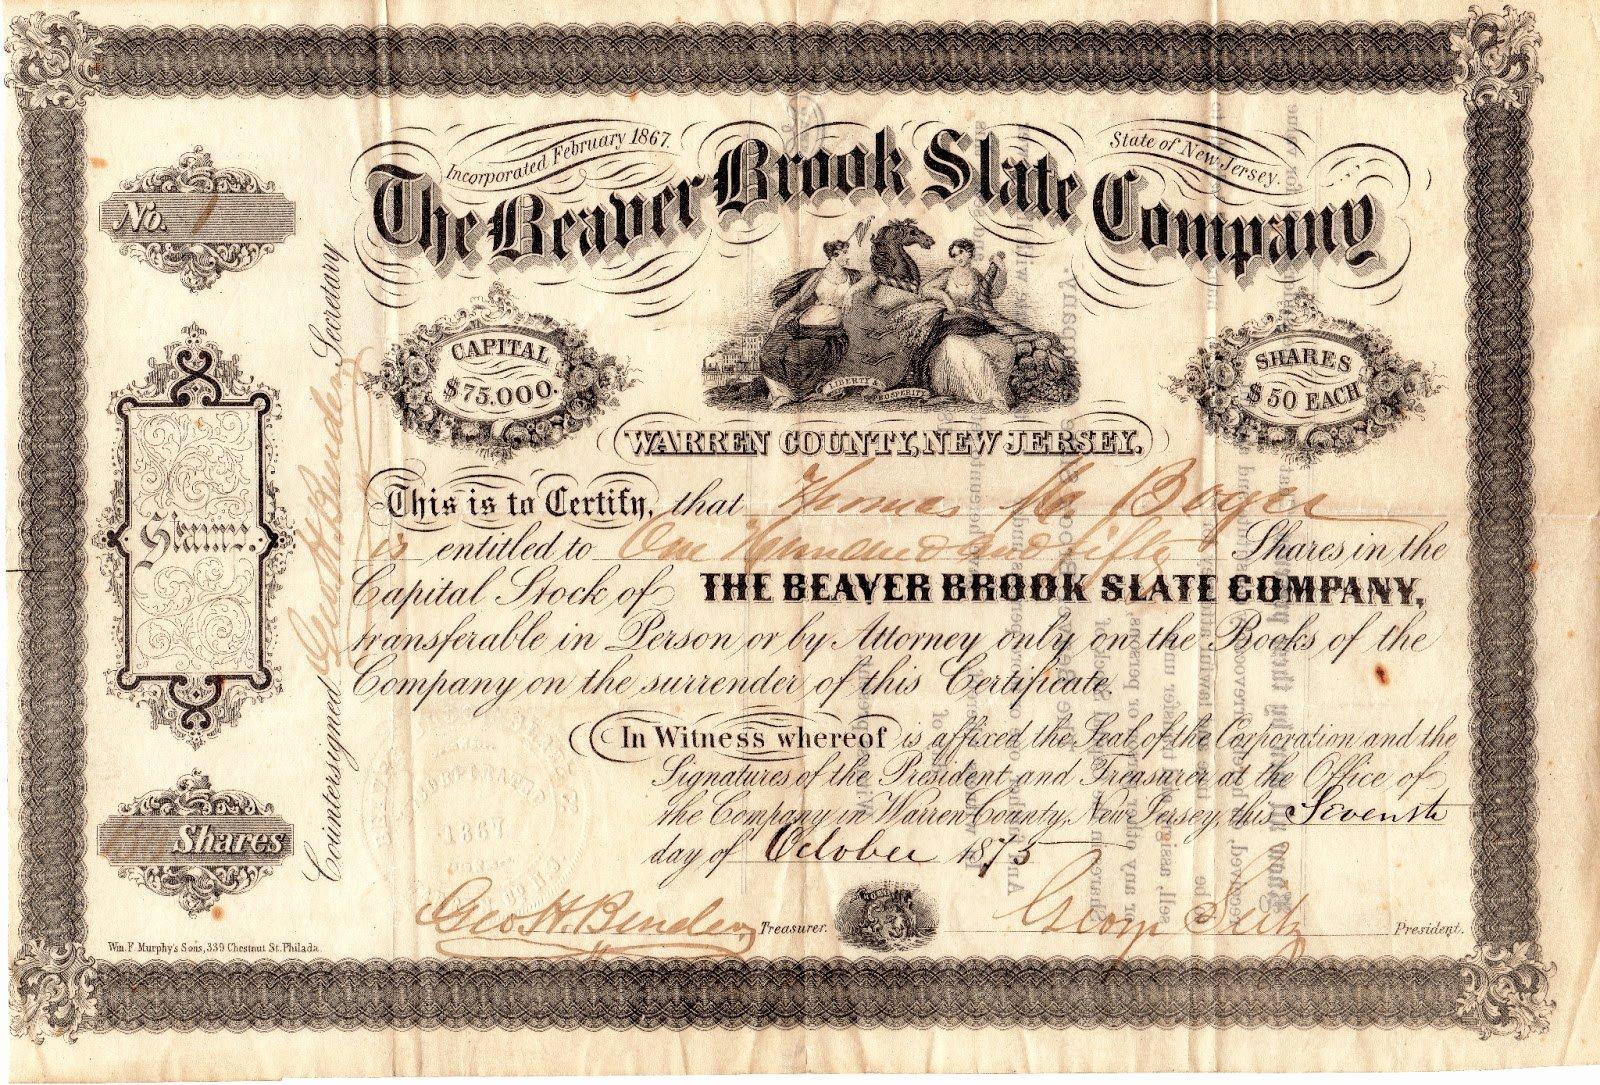 Corporate Bond Certificate Template Beautiful Template for Certificate